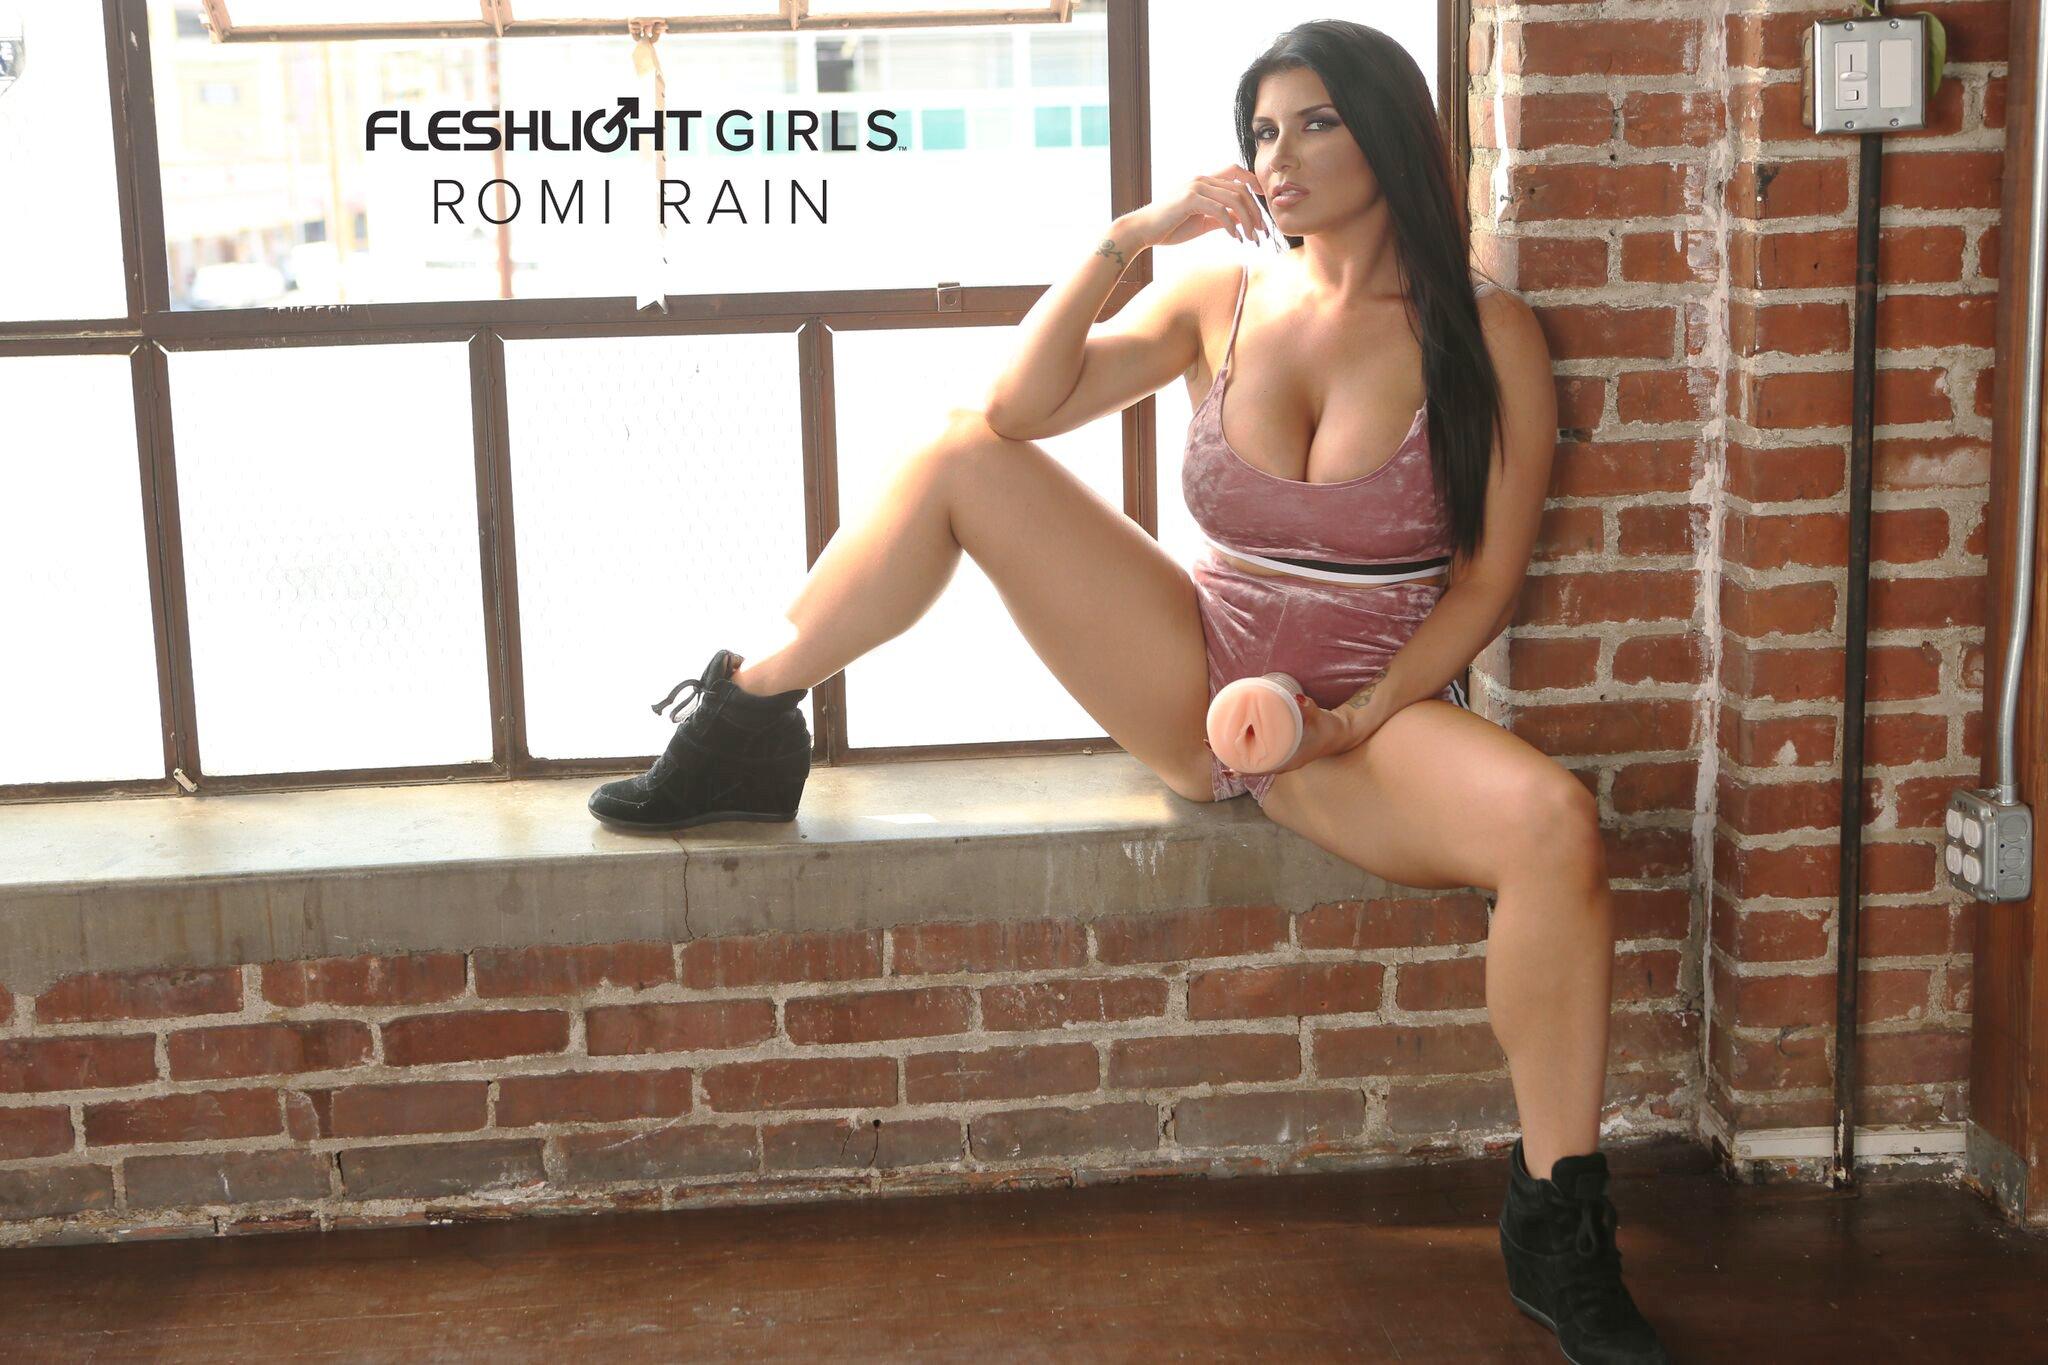 Romi Rain Fleshlight Girl Image 3